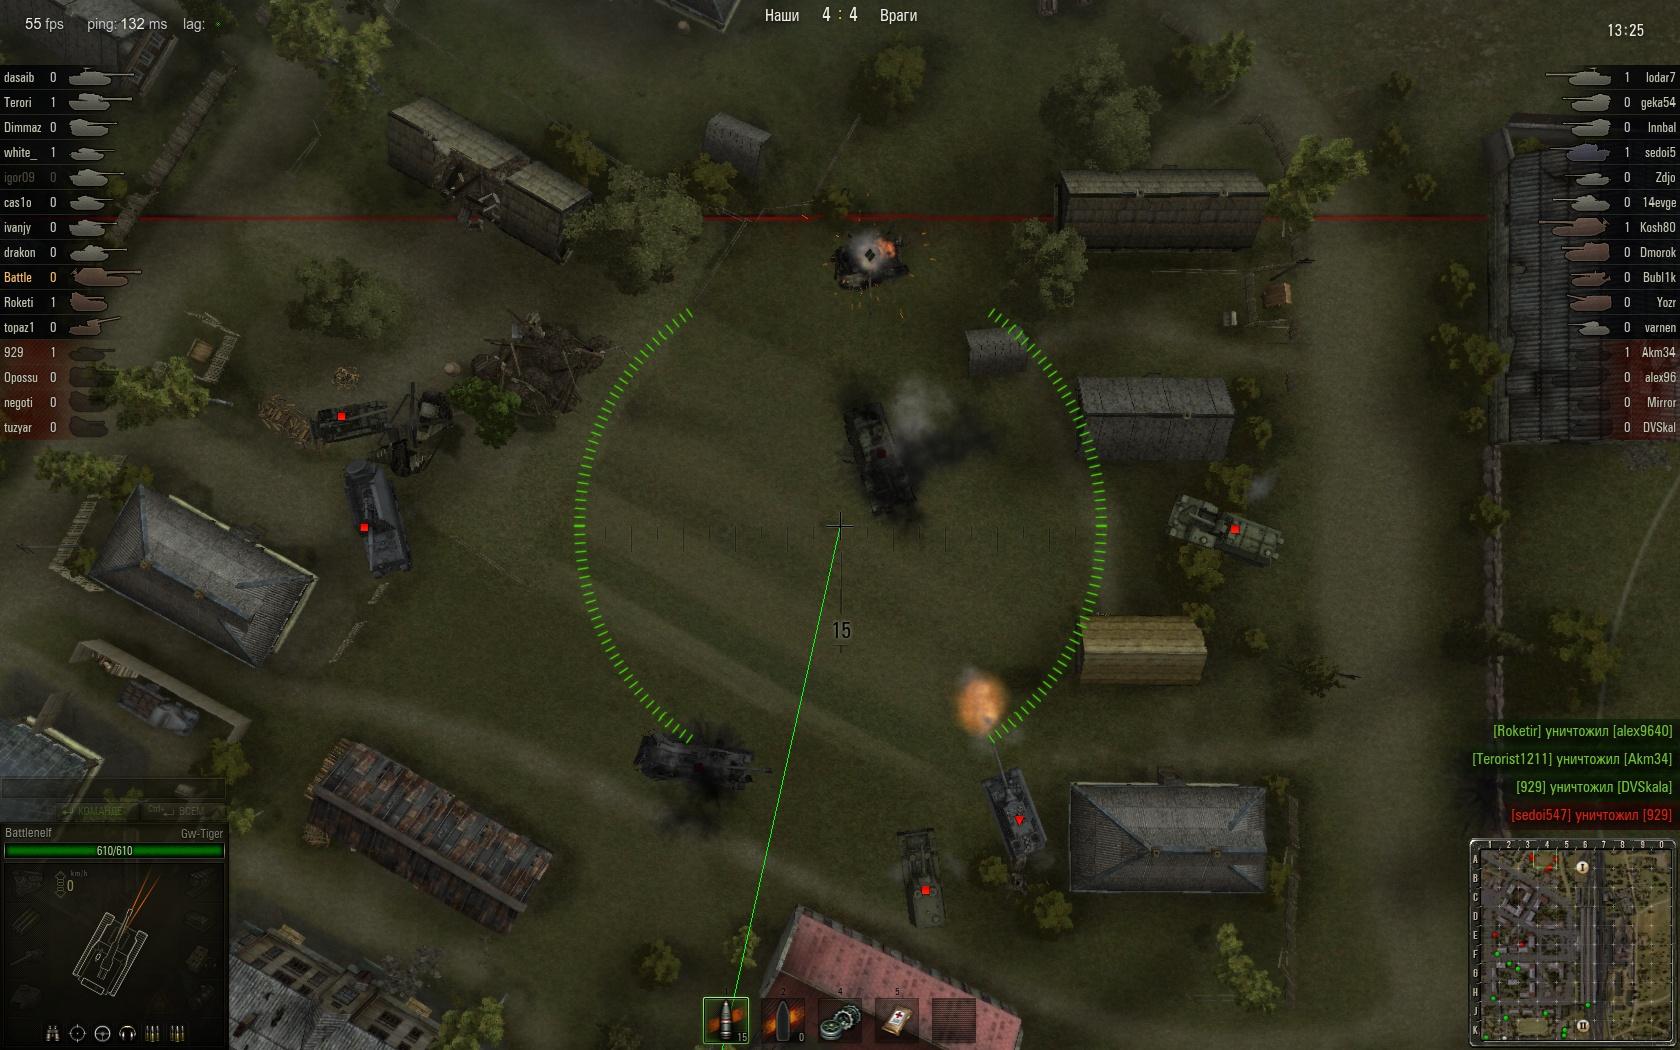 Вид карты в снайперском режиме - доступно только для САУ